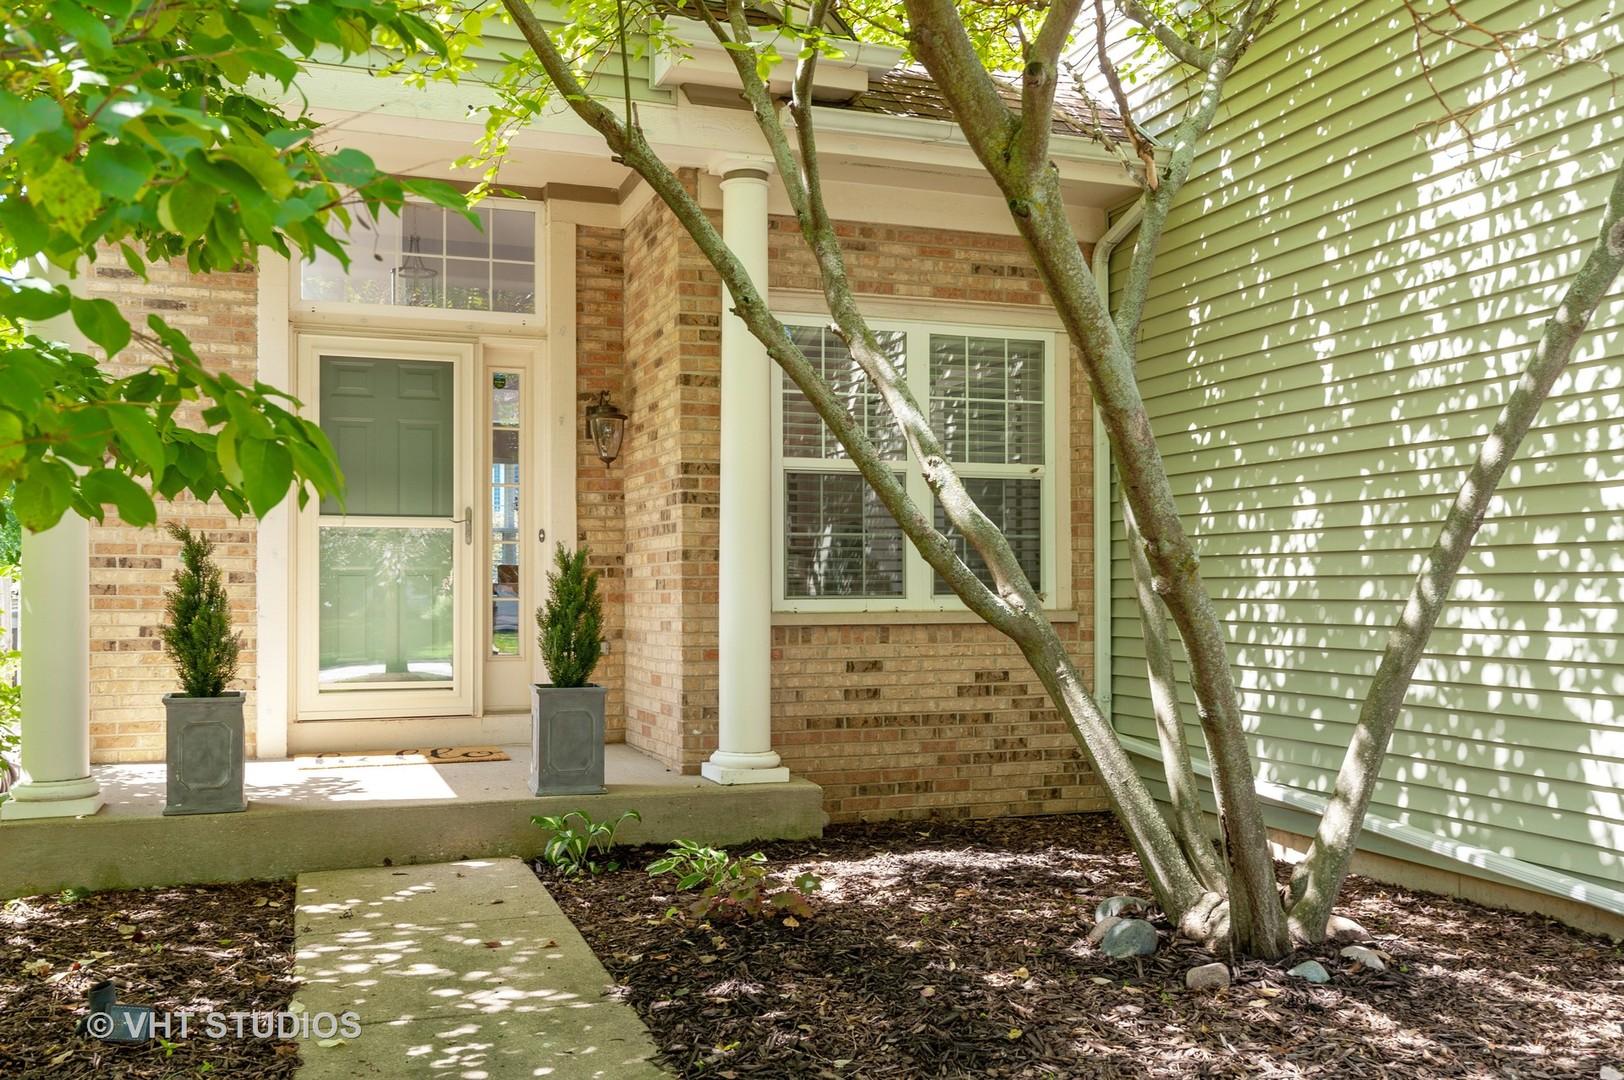 479 Gatewood, Grayslake, Illinois, 60030